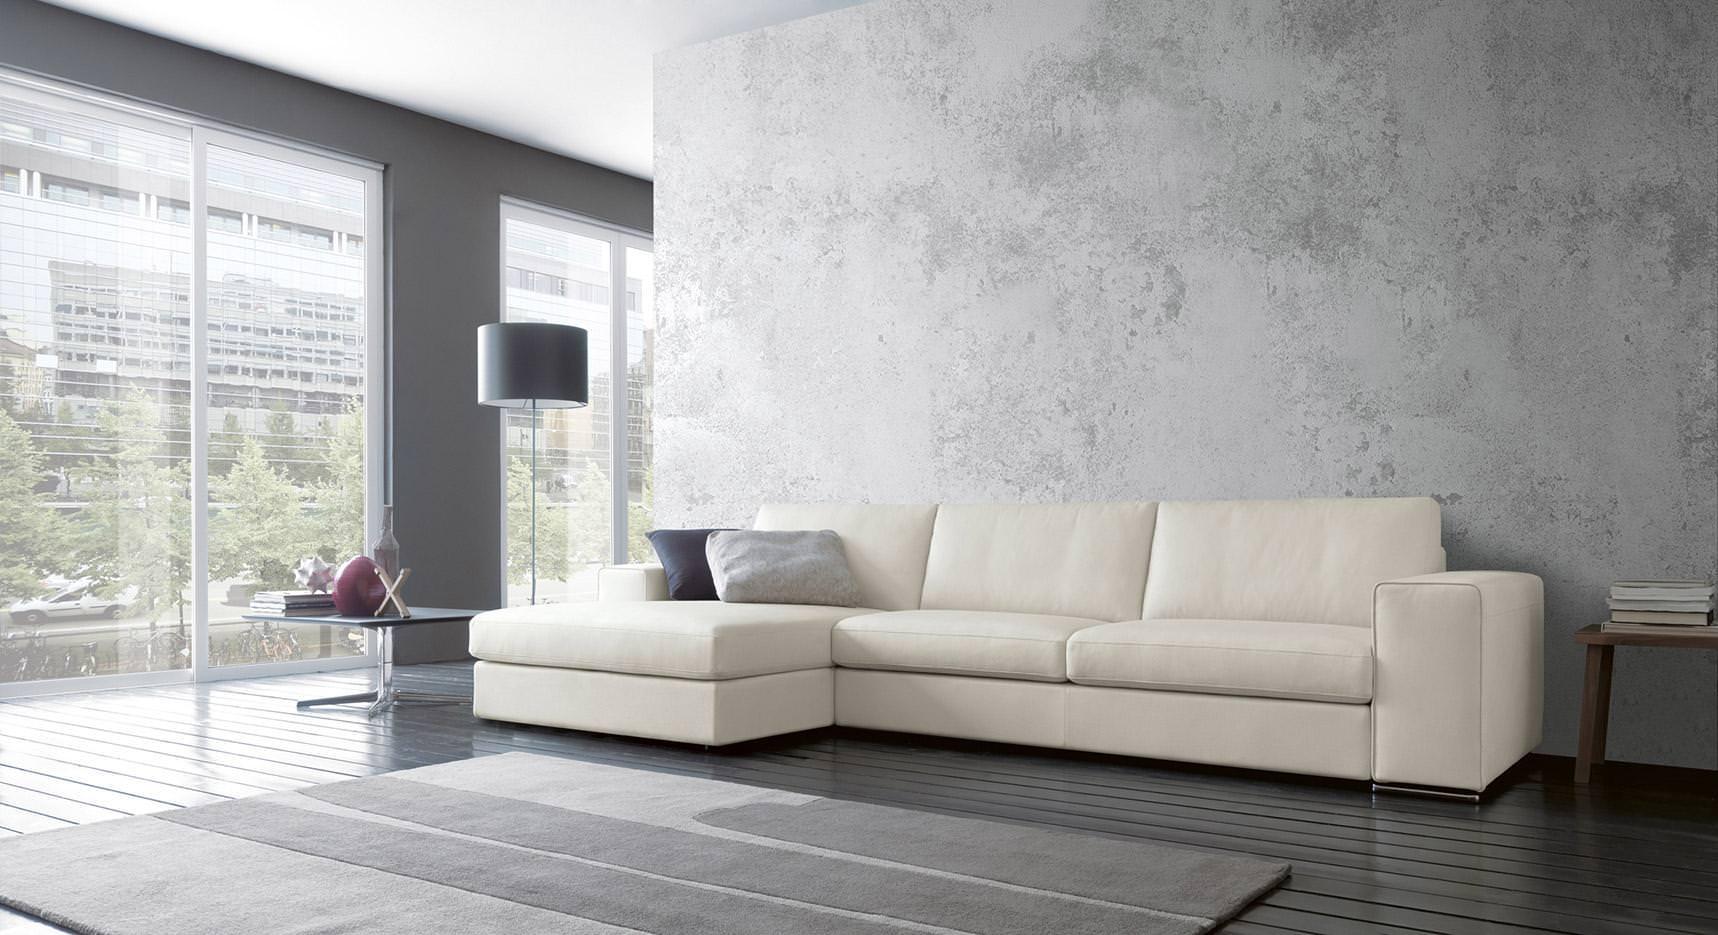 Alvin divani moderni e di design felis for Divani moderni di design